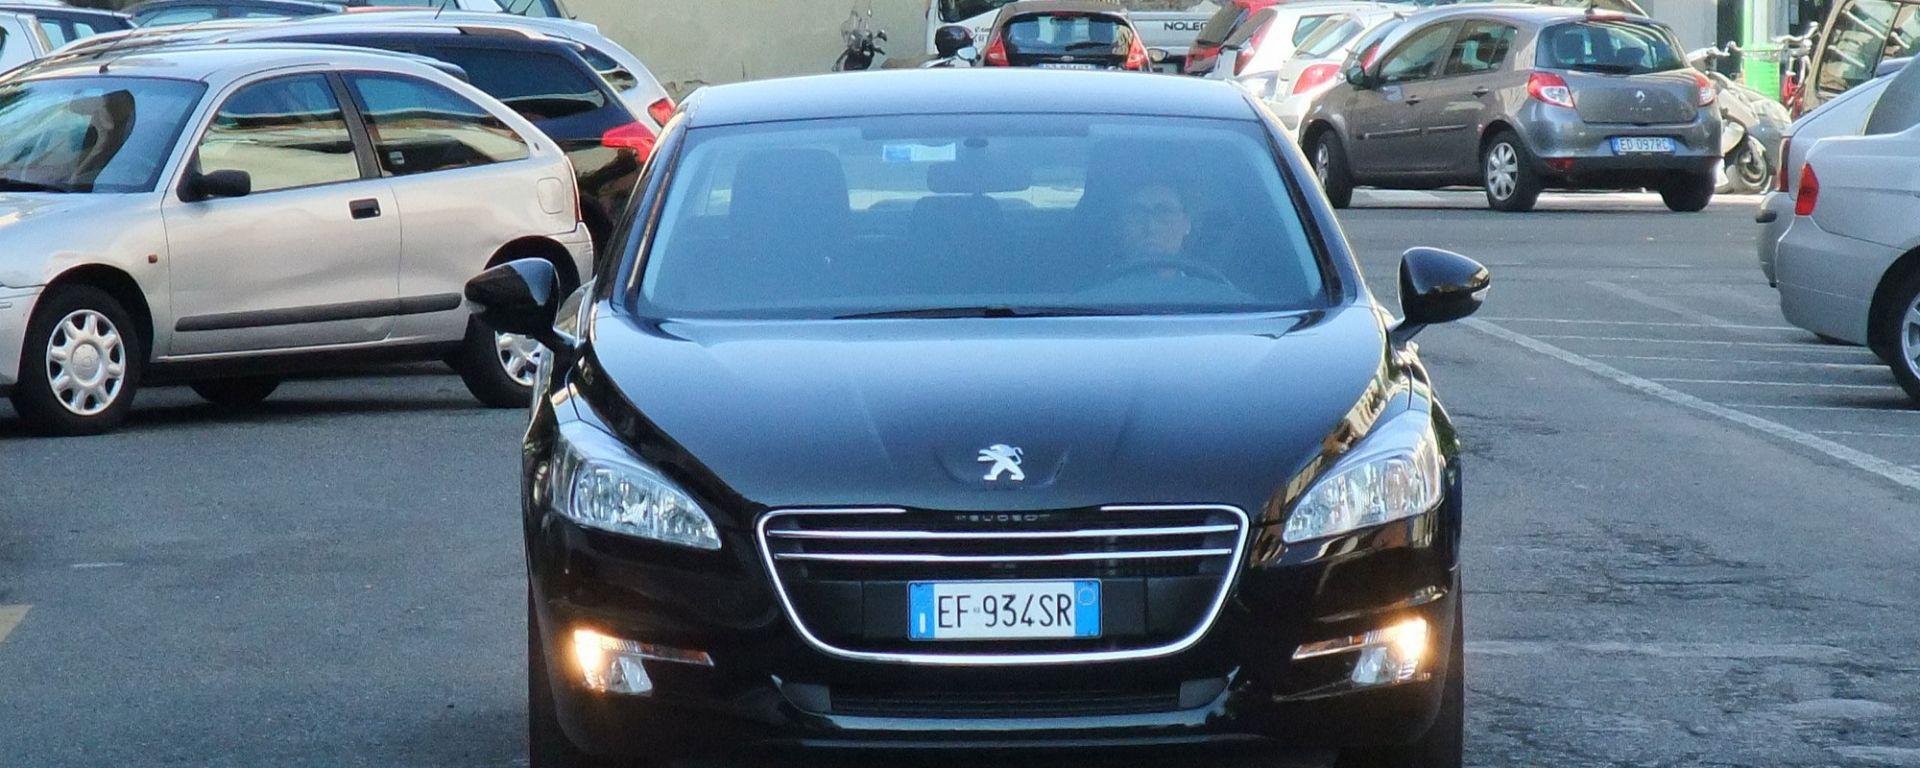 Peugeot 508 2.0 HDI 140 cv Access